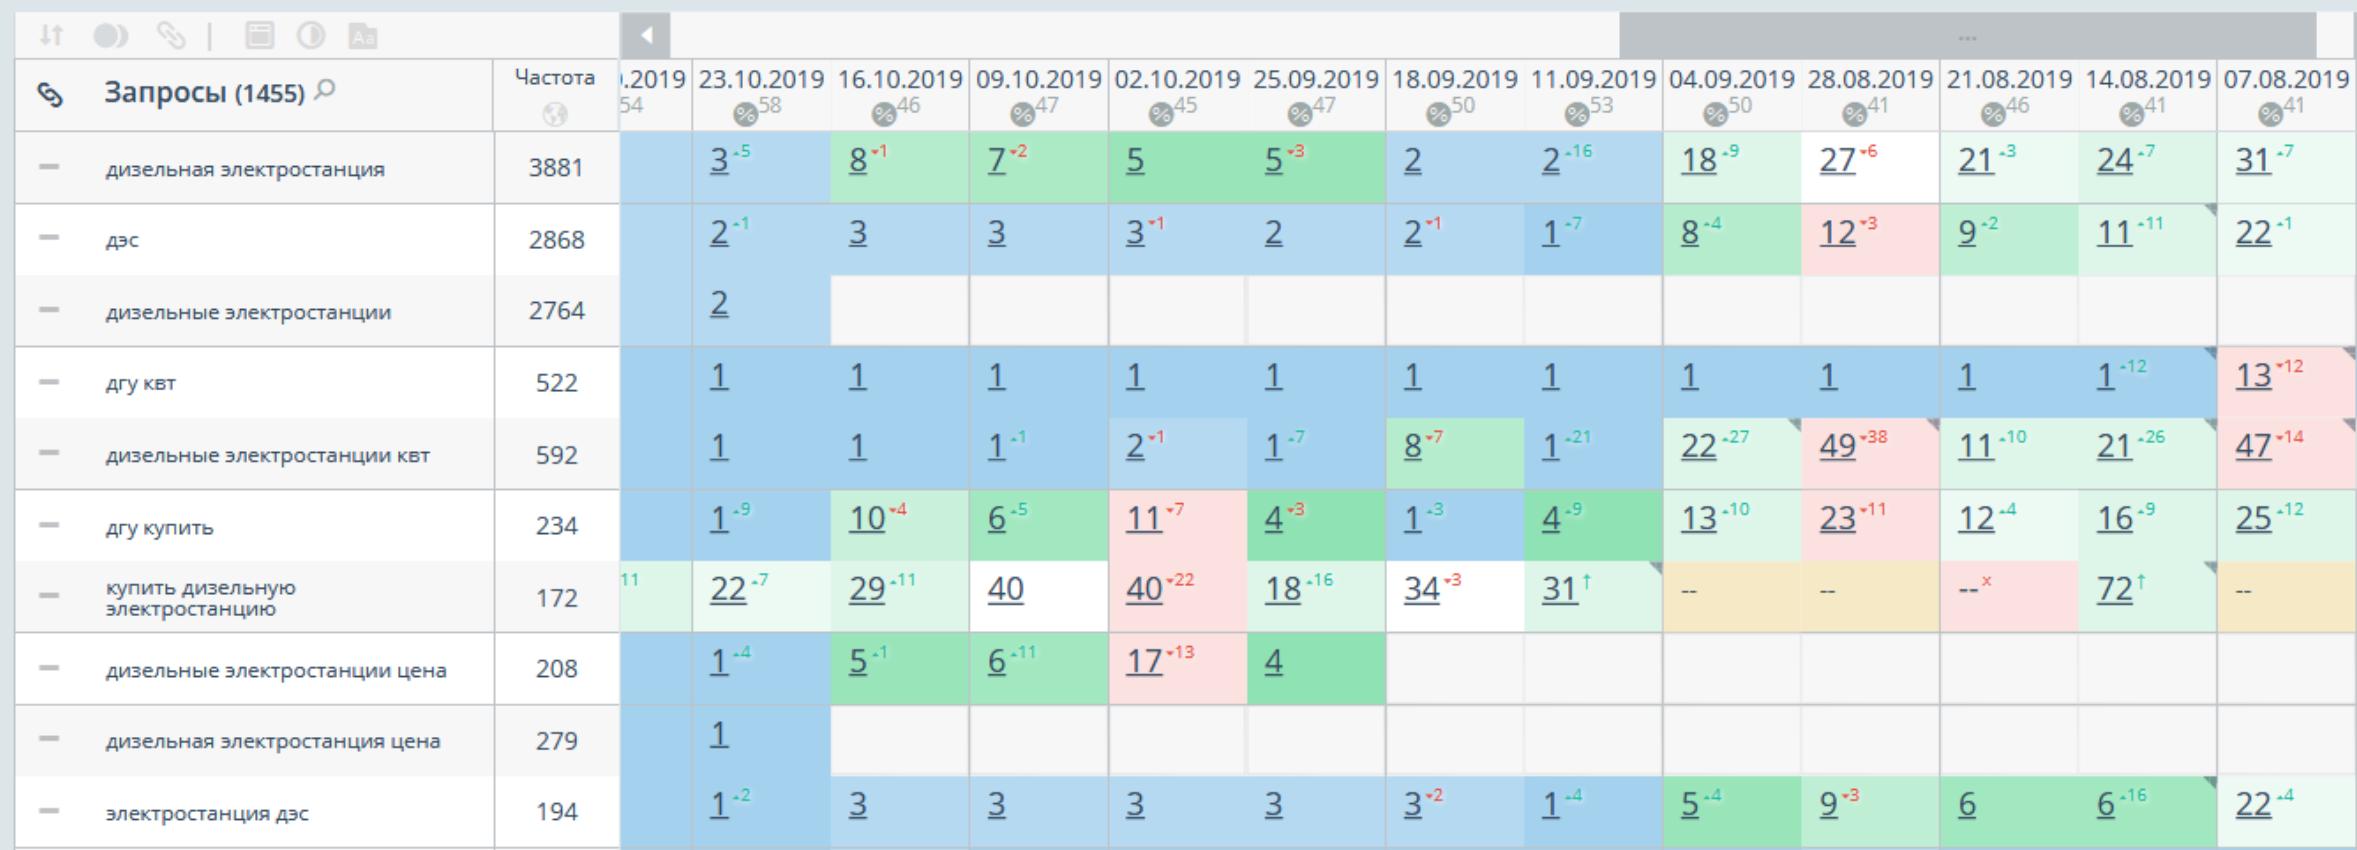 Результаты seo продвижения в Яндекс